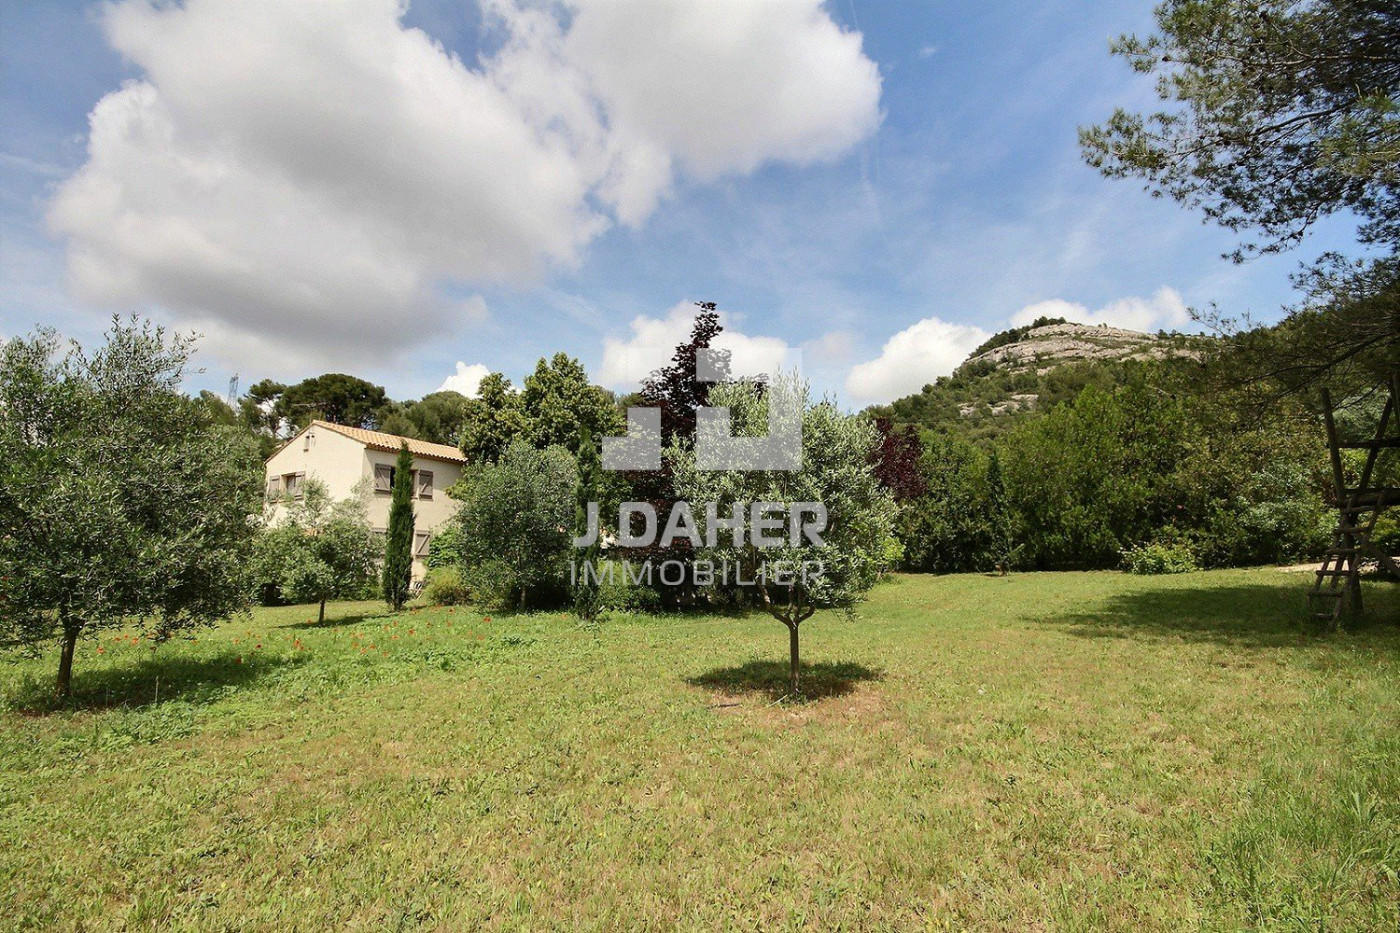 A vendre Marseille 11eme Arrondissement 13025611 J daher immobilier